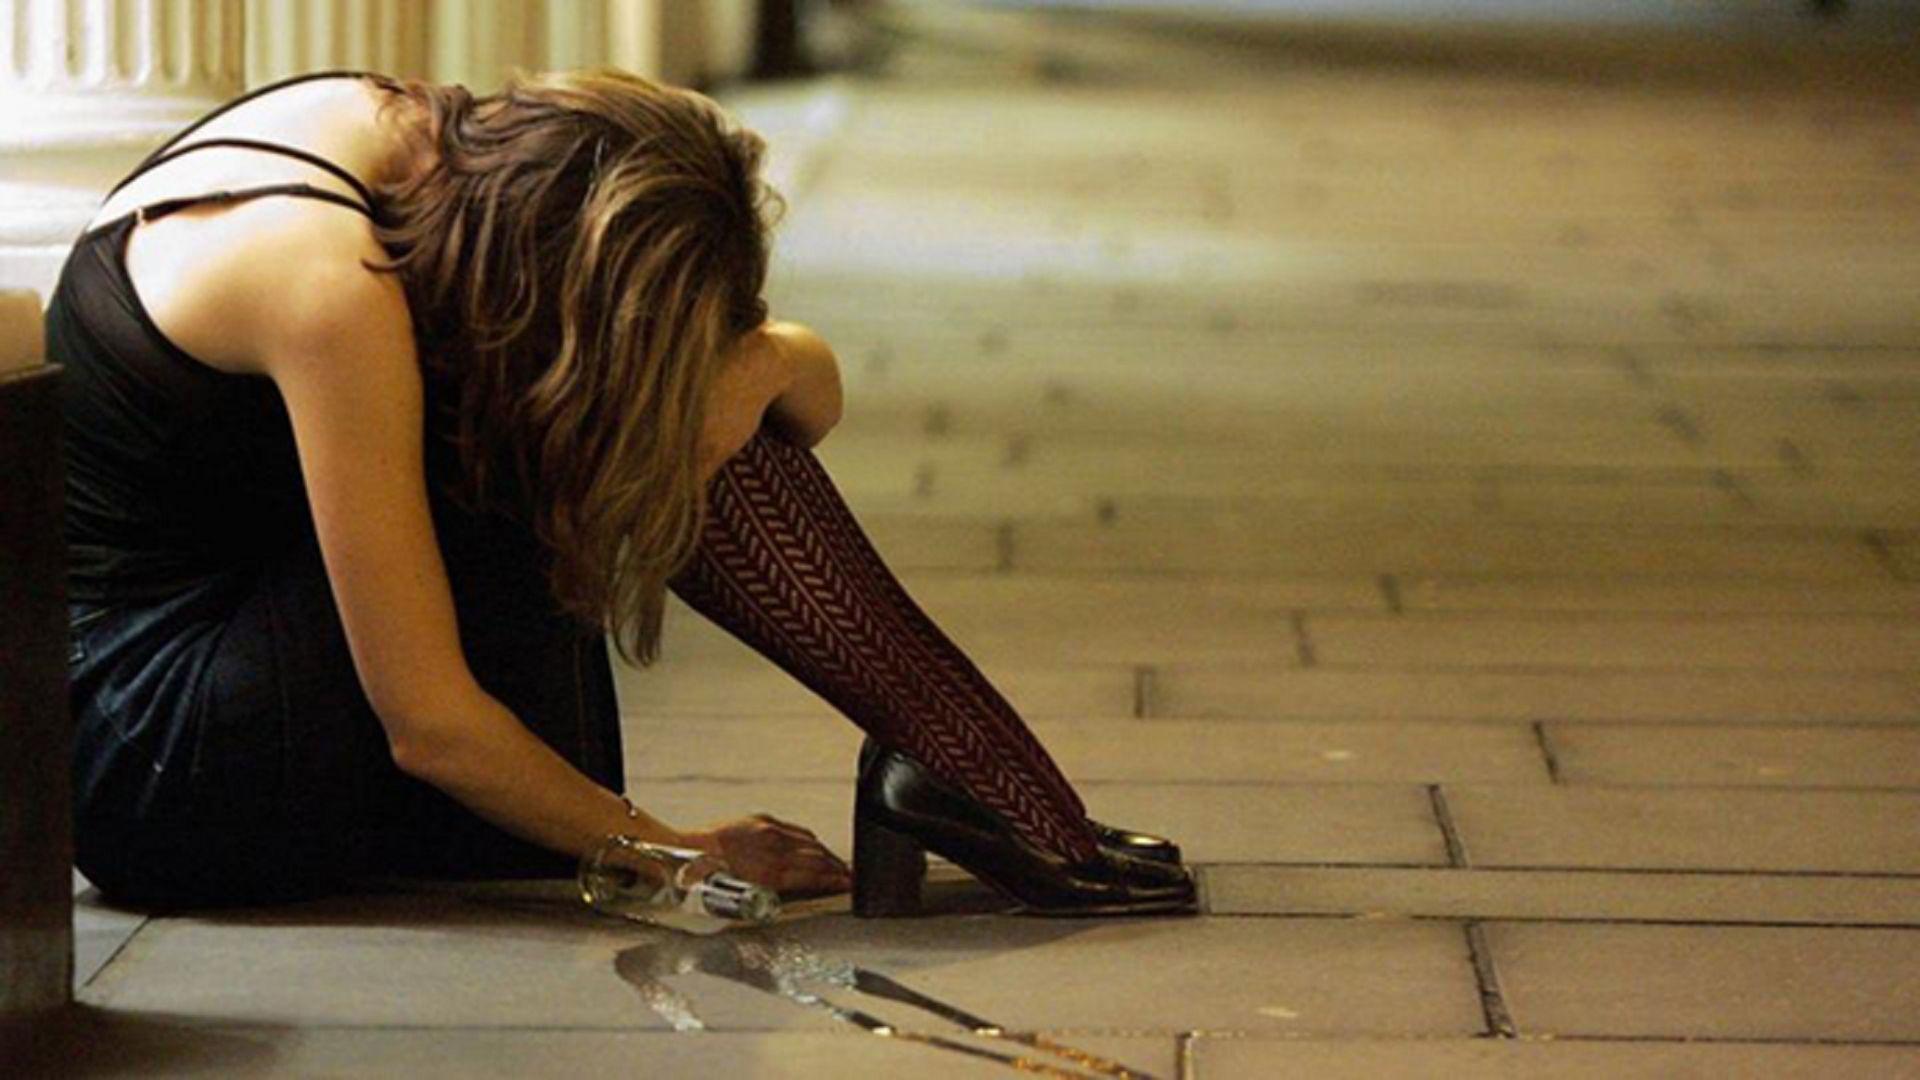 Ставропольчанка, пригласившая в квартиру таксиста, стала жертвой кражи